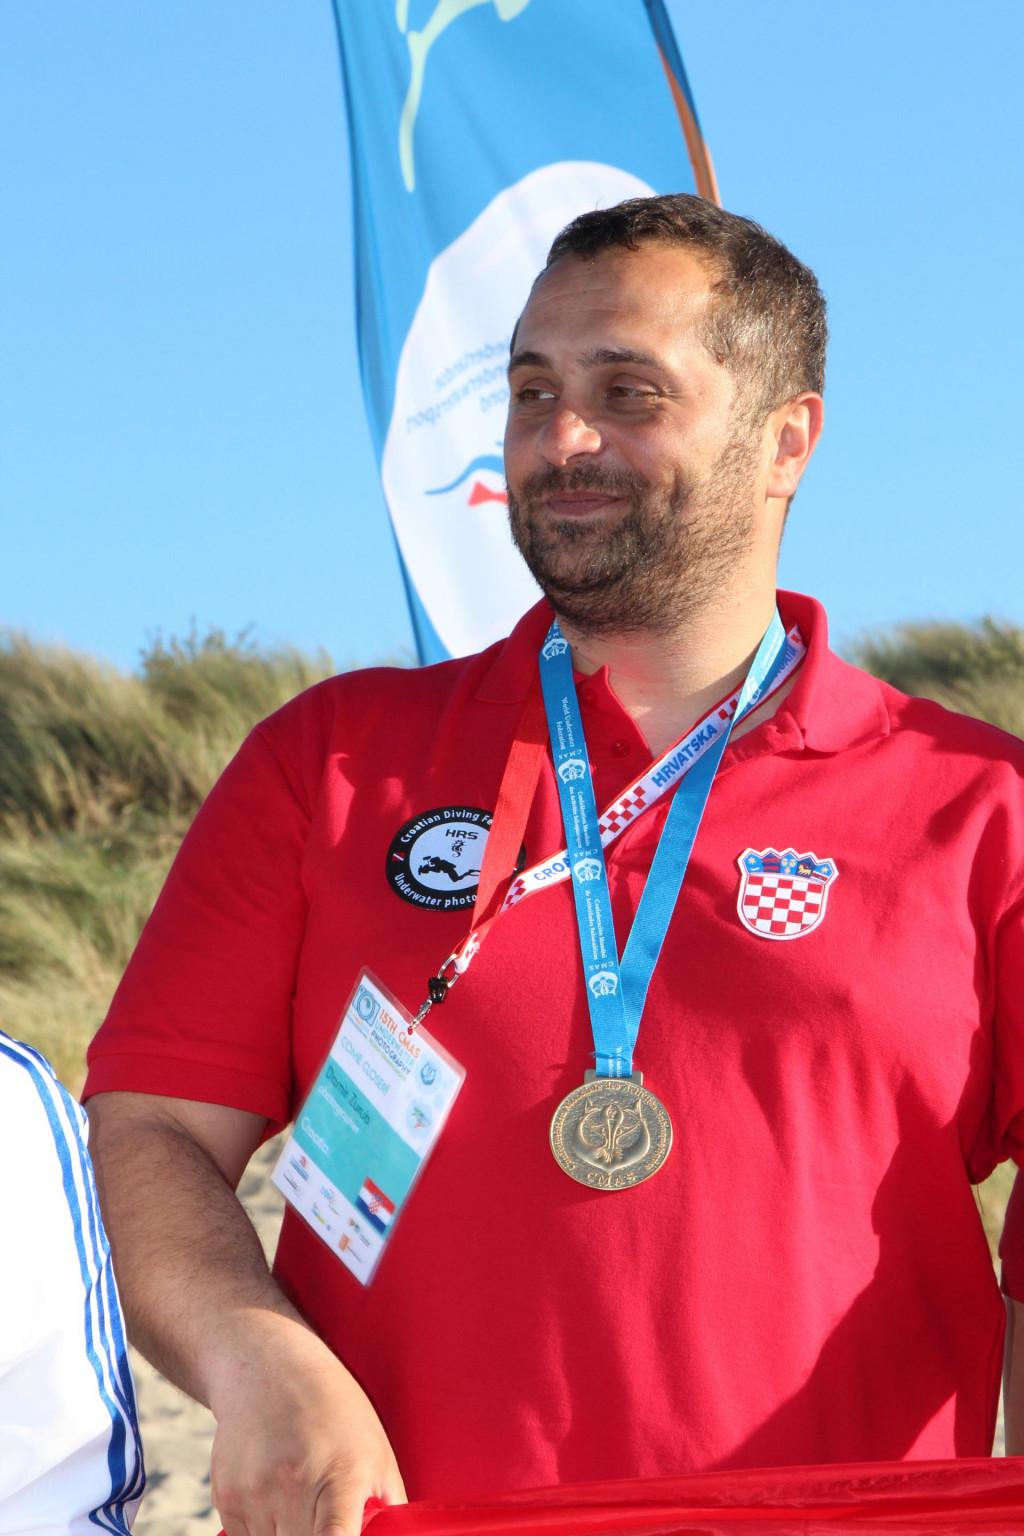 Zlatna medalja je velika čast i obveza